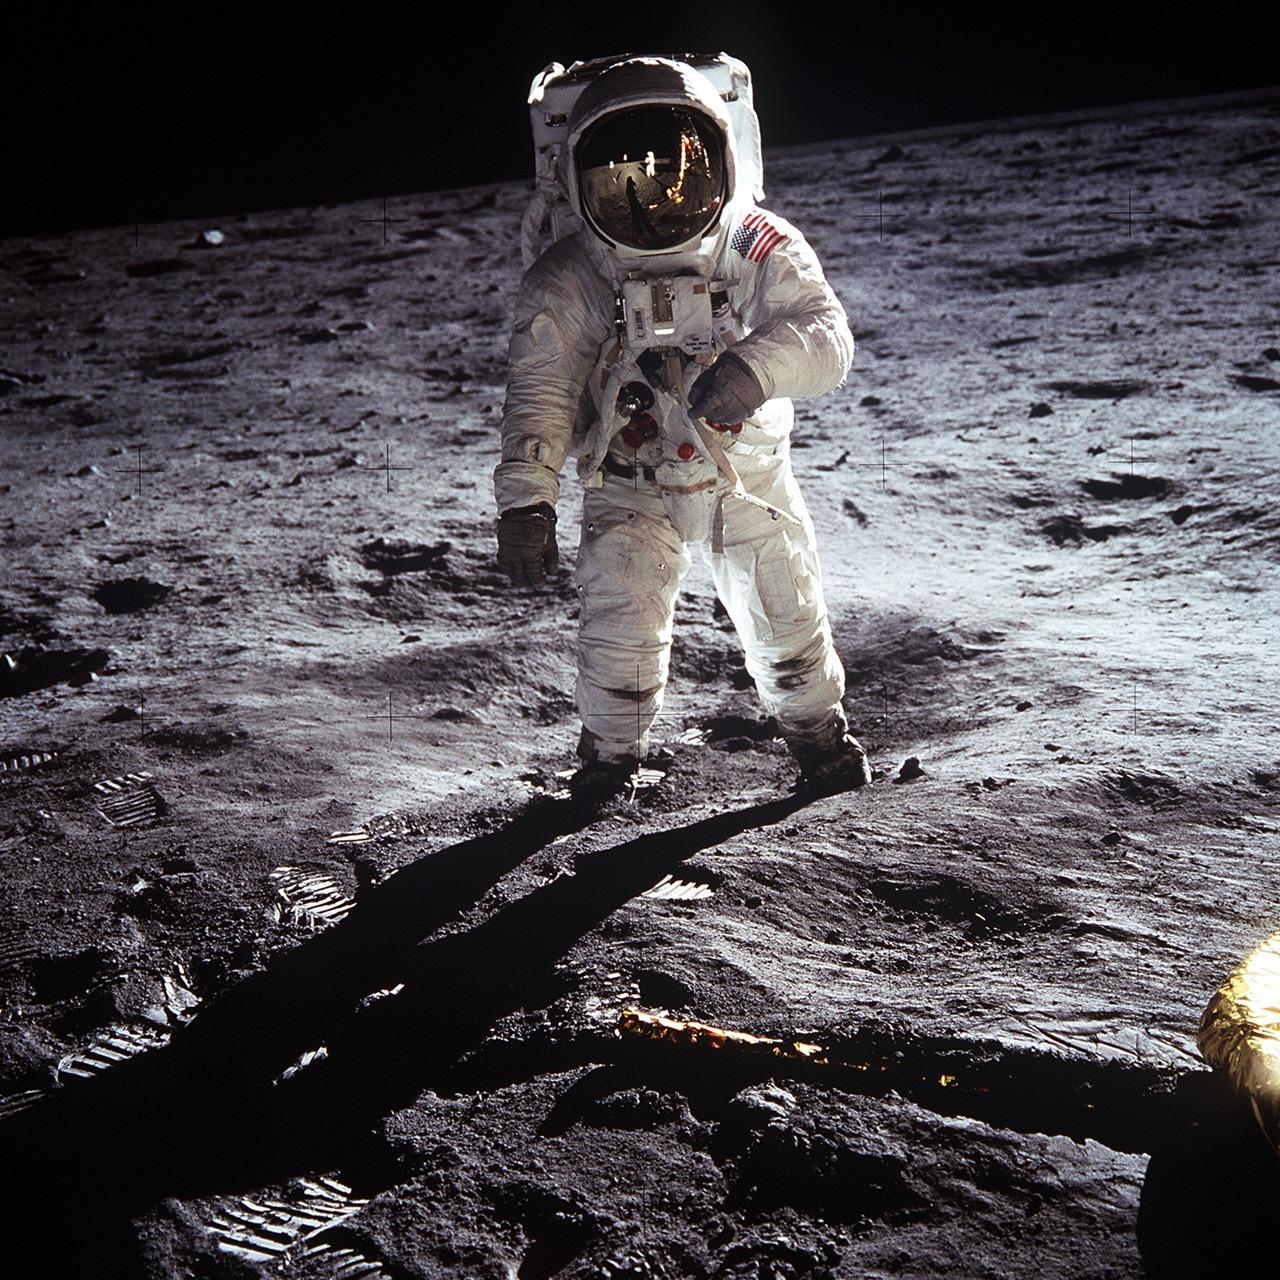 Базз Олдрин на поверхности Луны. Скафандр Apollo A7L